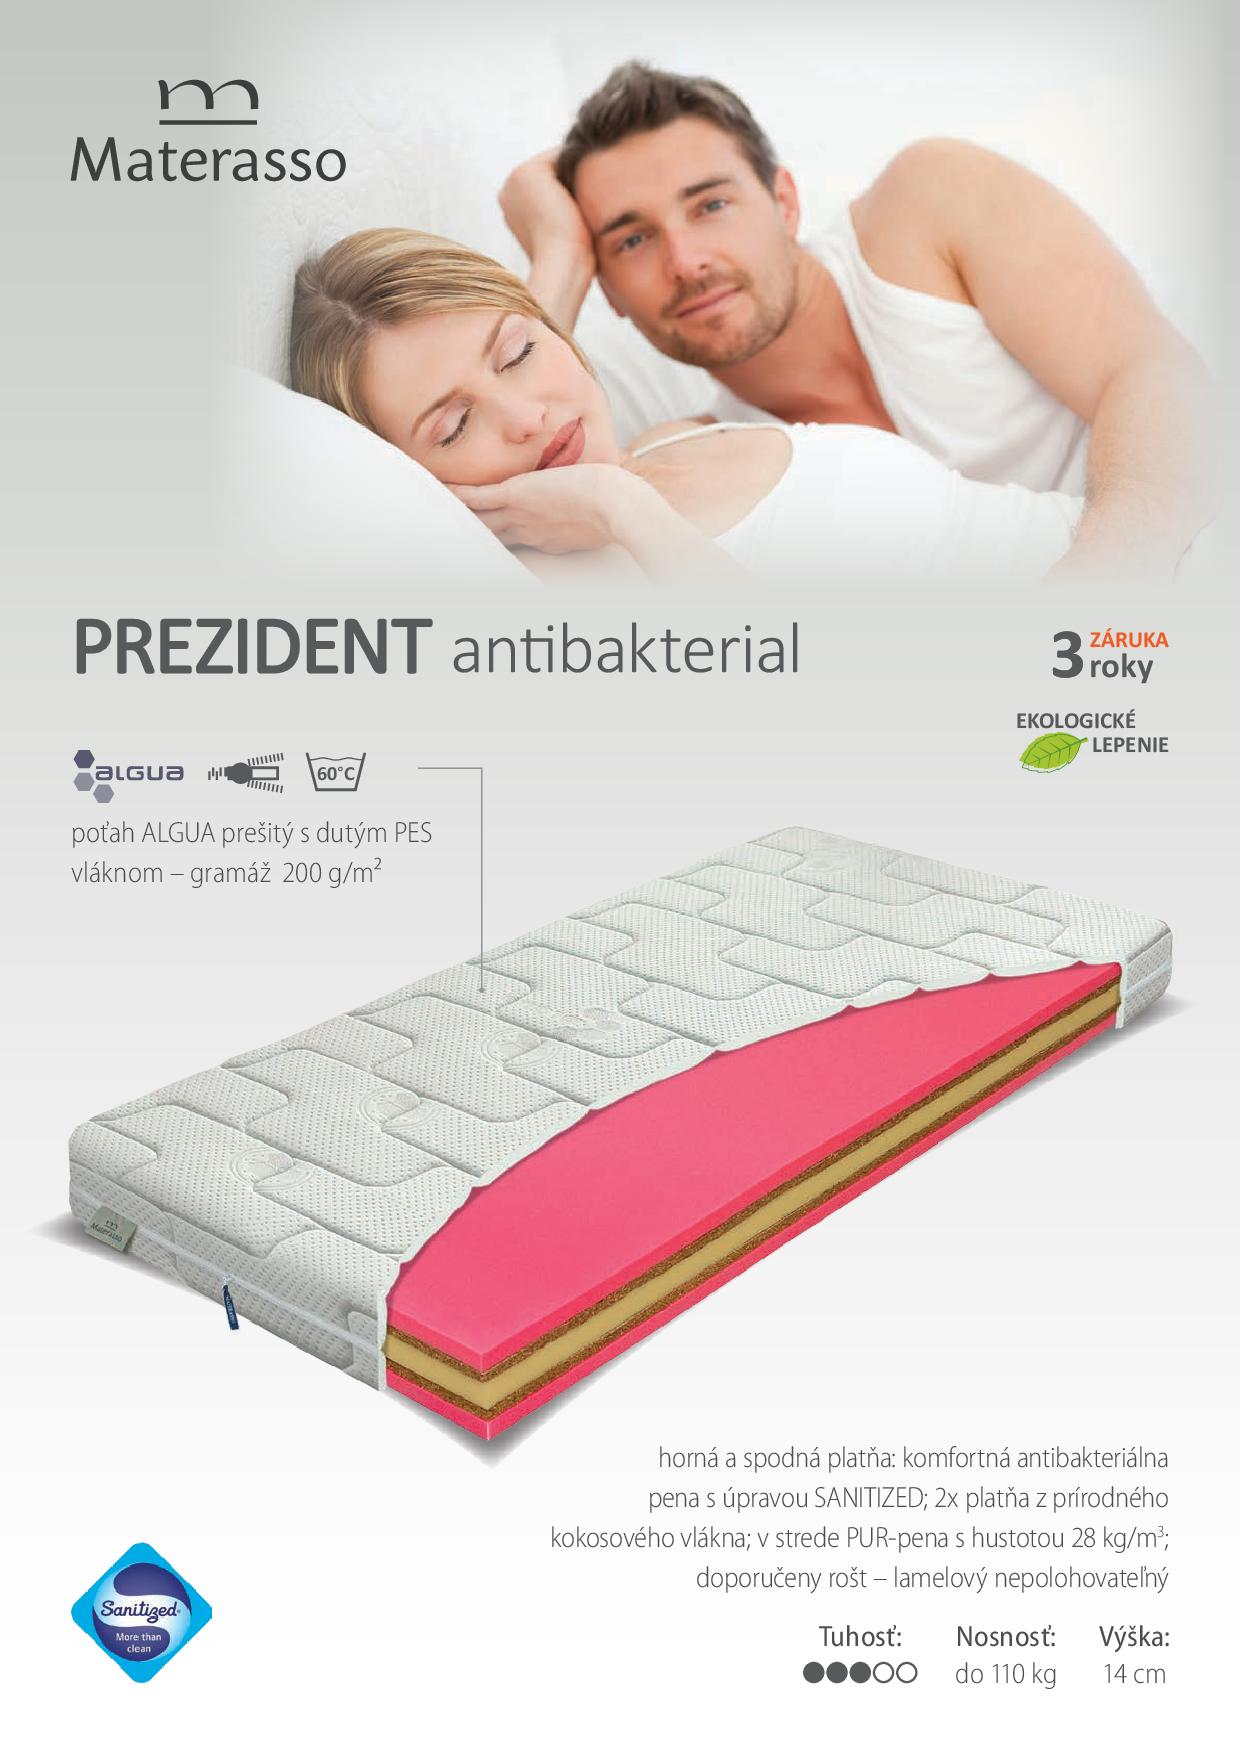 Prezident antibakterial